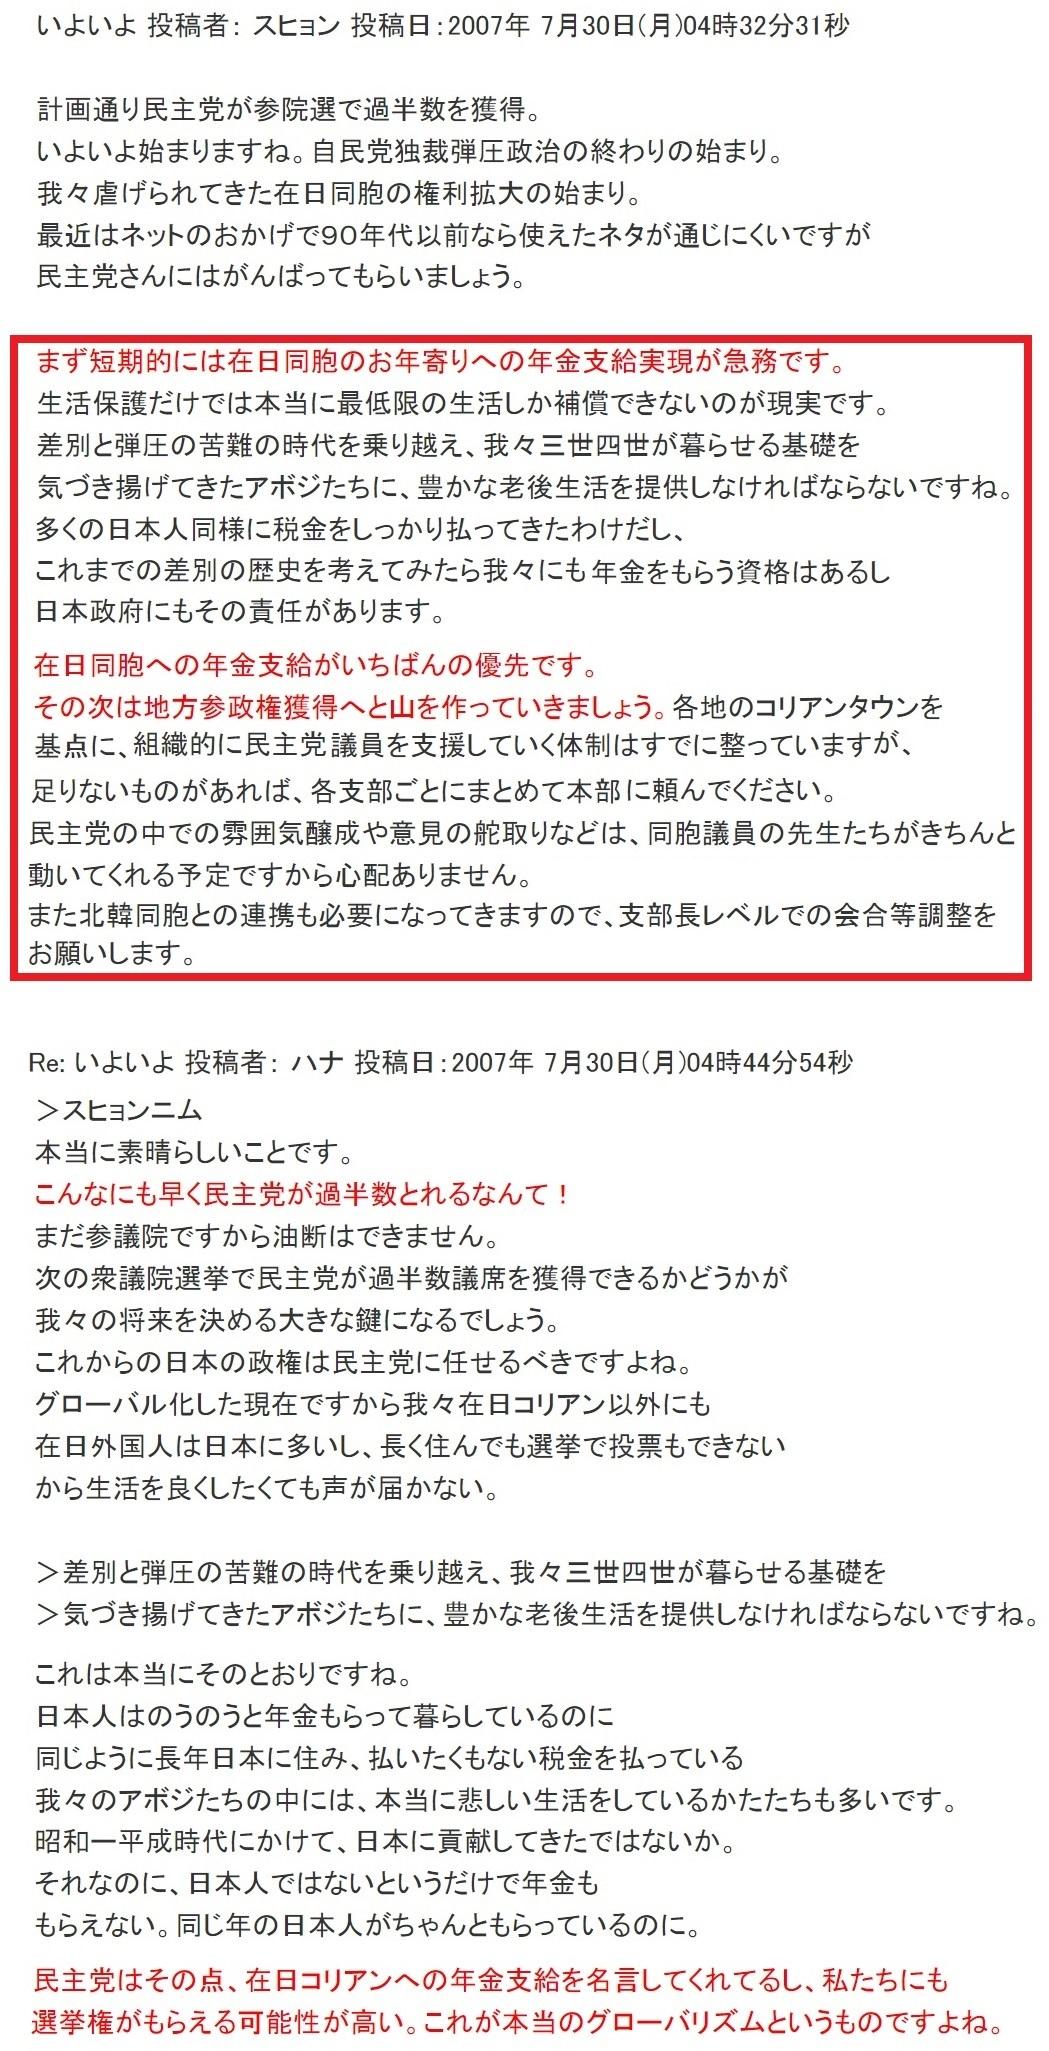 スヒョン文書「在日朝鮮人の年金問題」